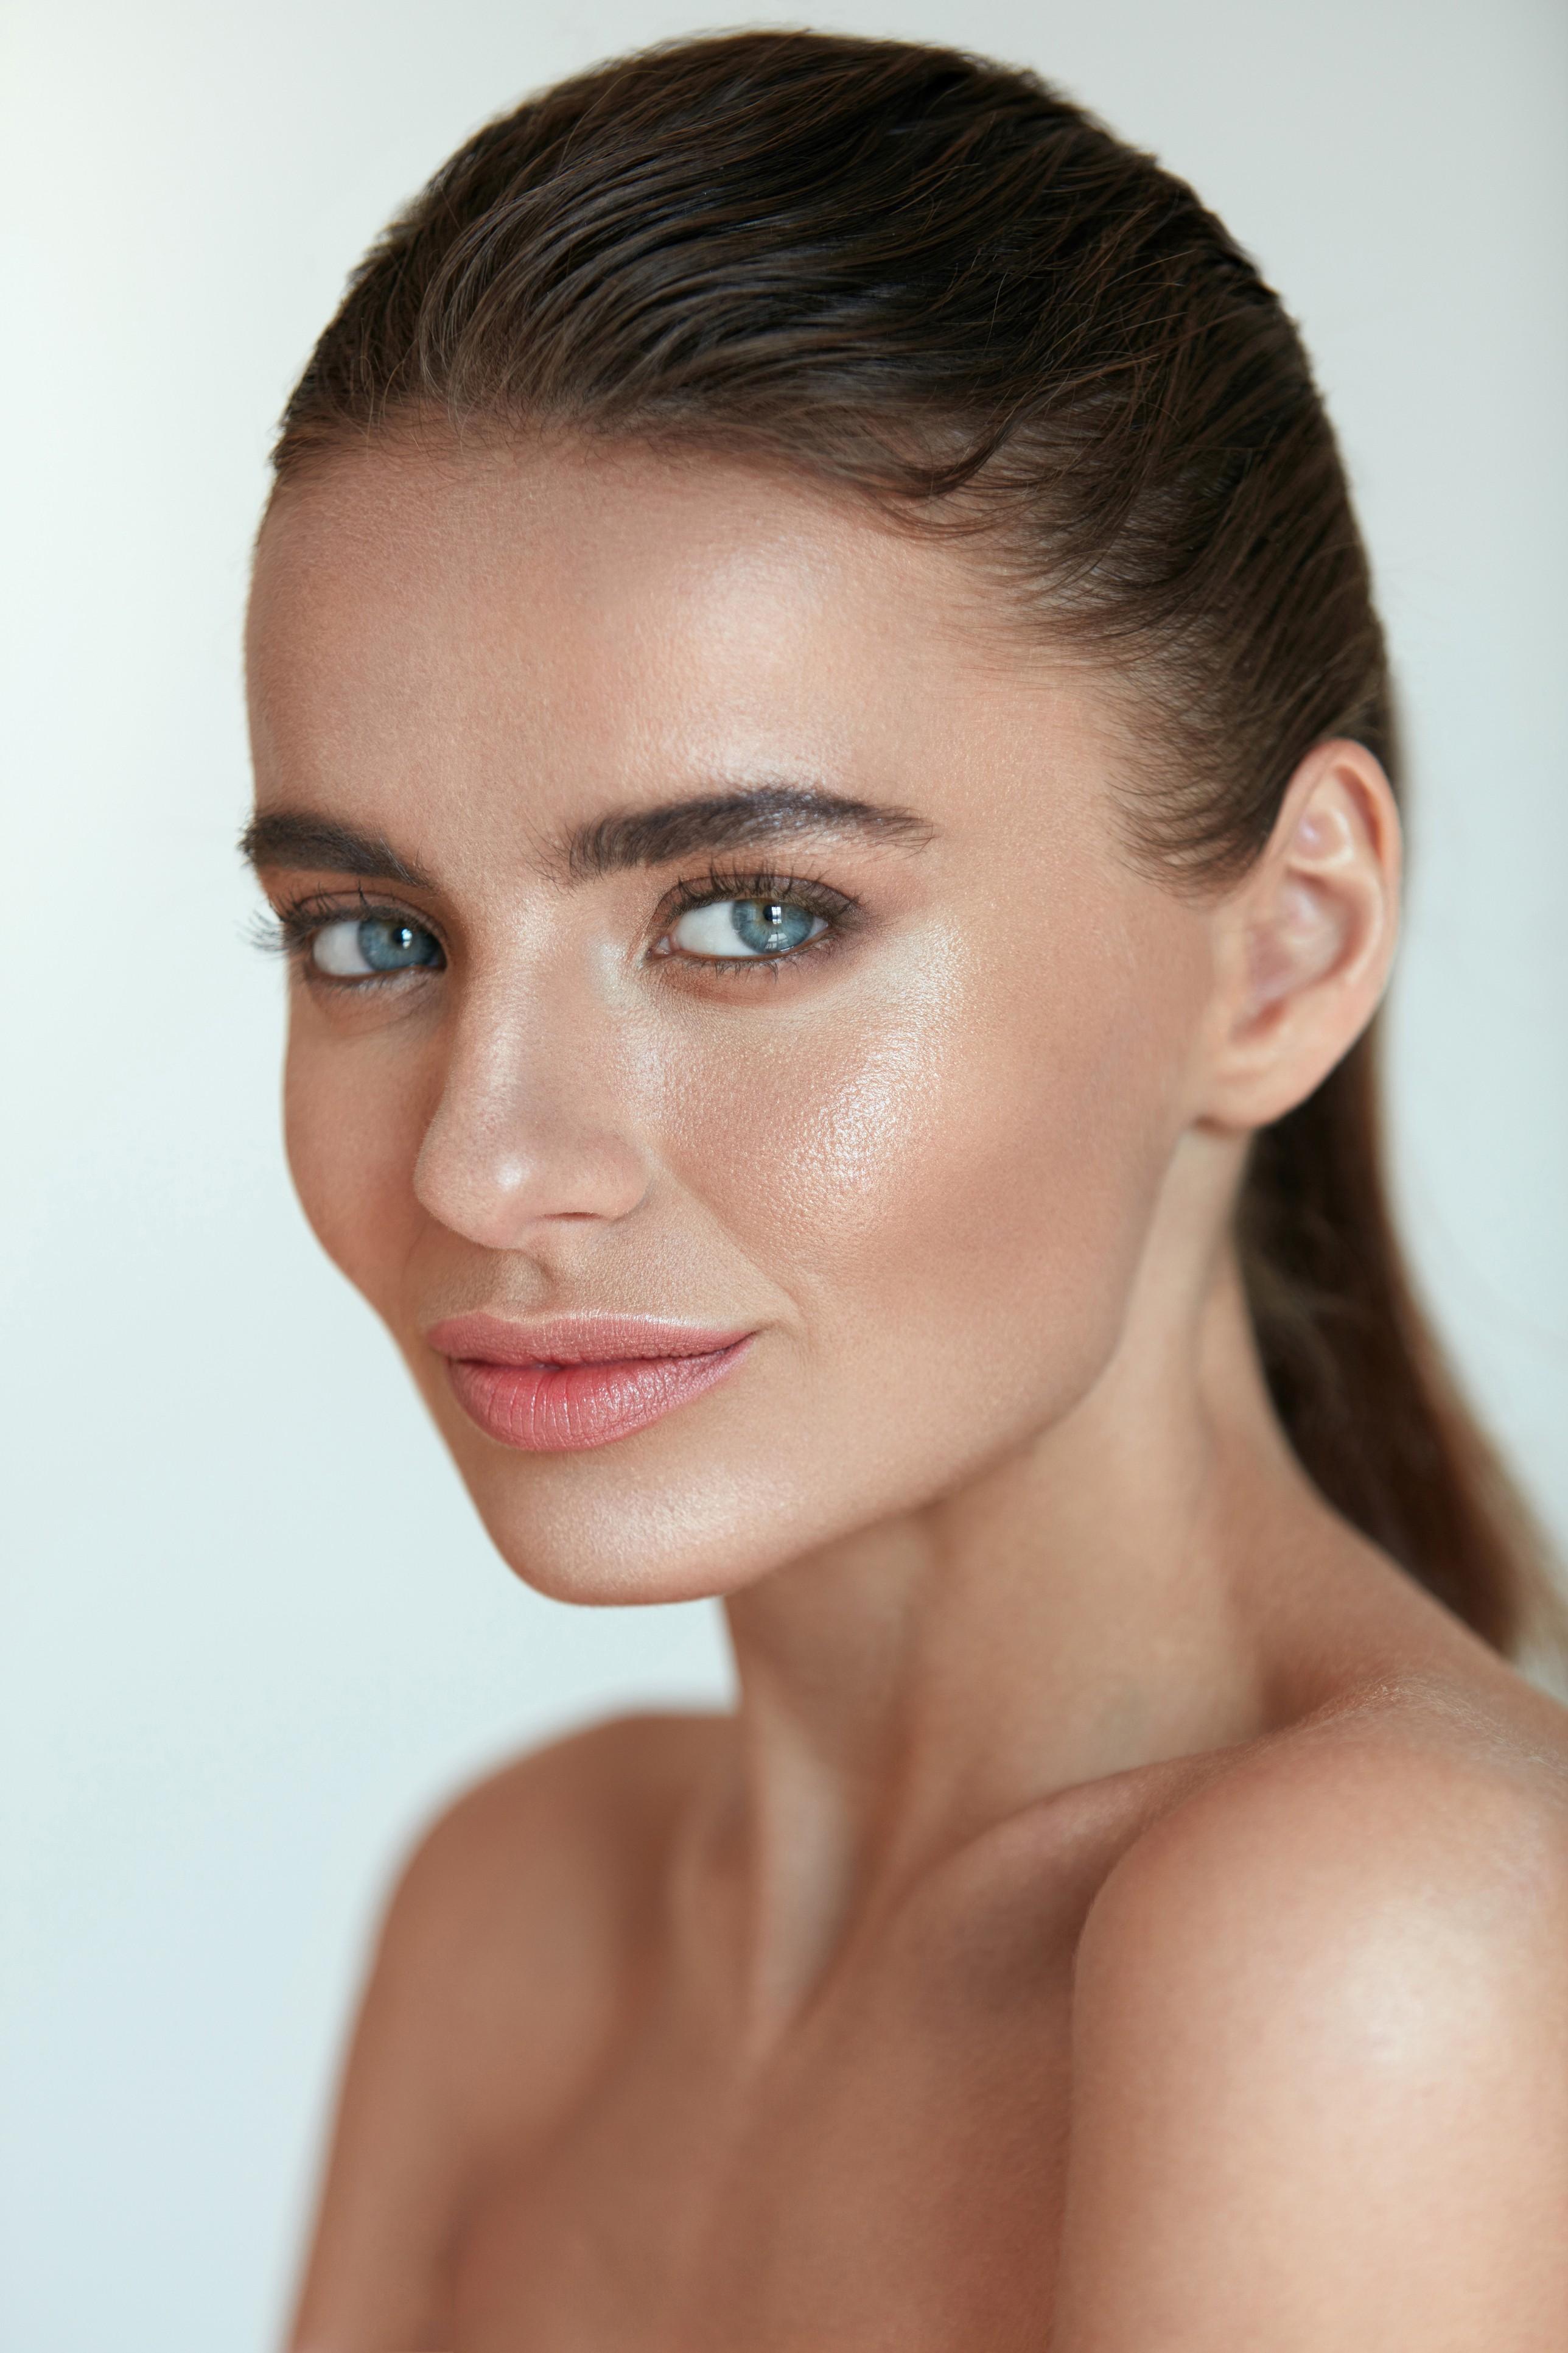 Pele com brilho e base menos marcada são tendência mais natural (Foto: Thinkstock)